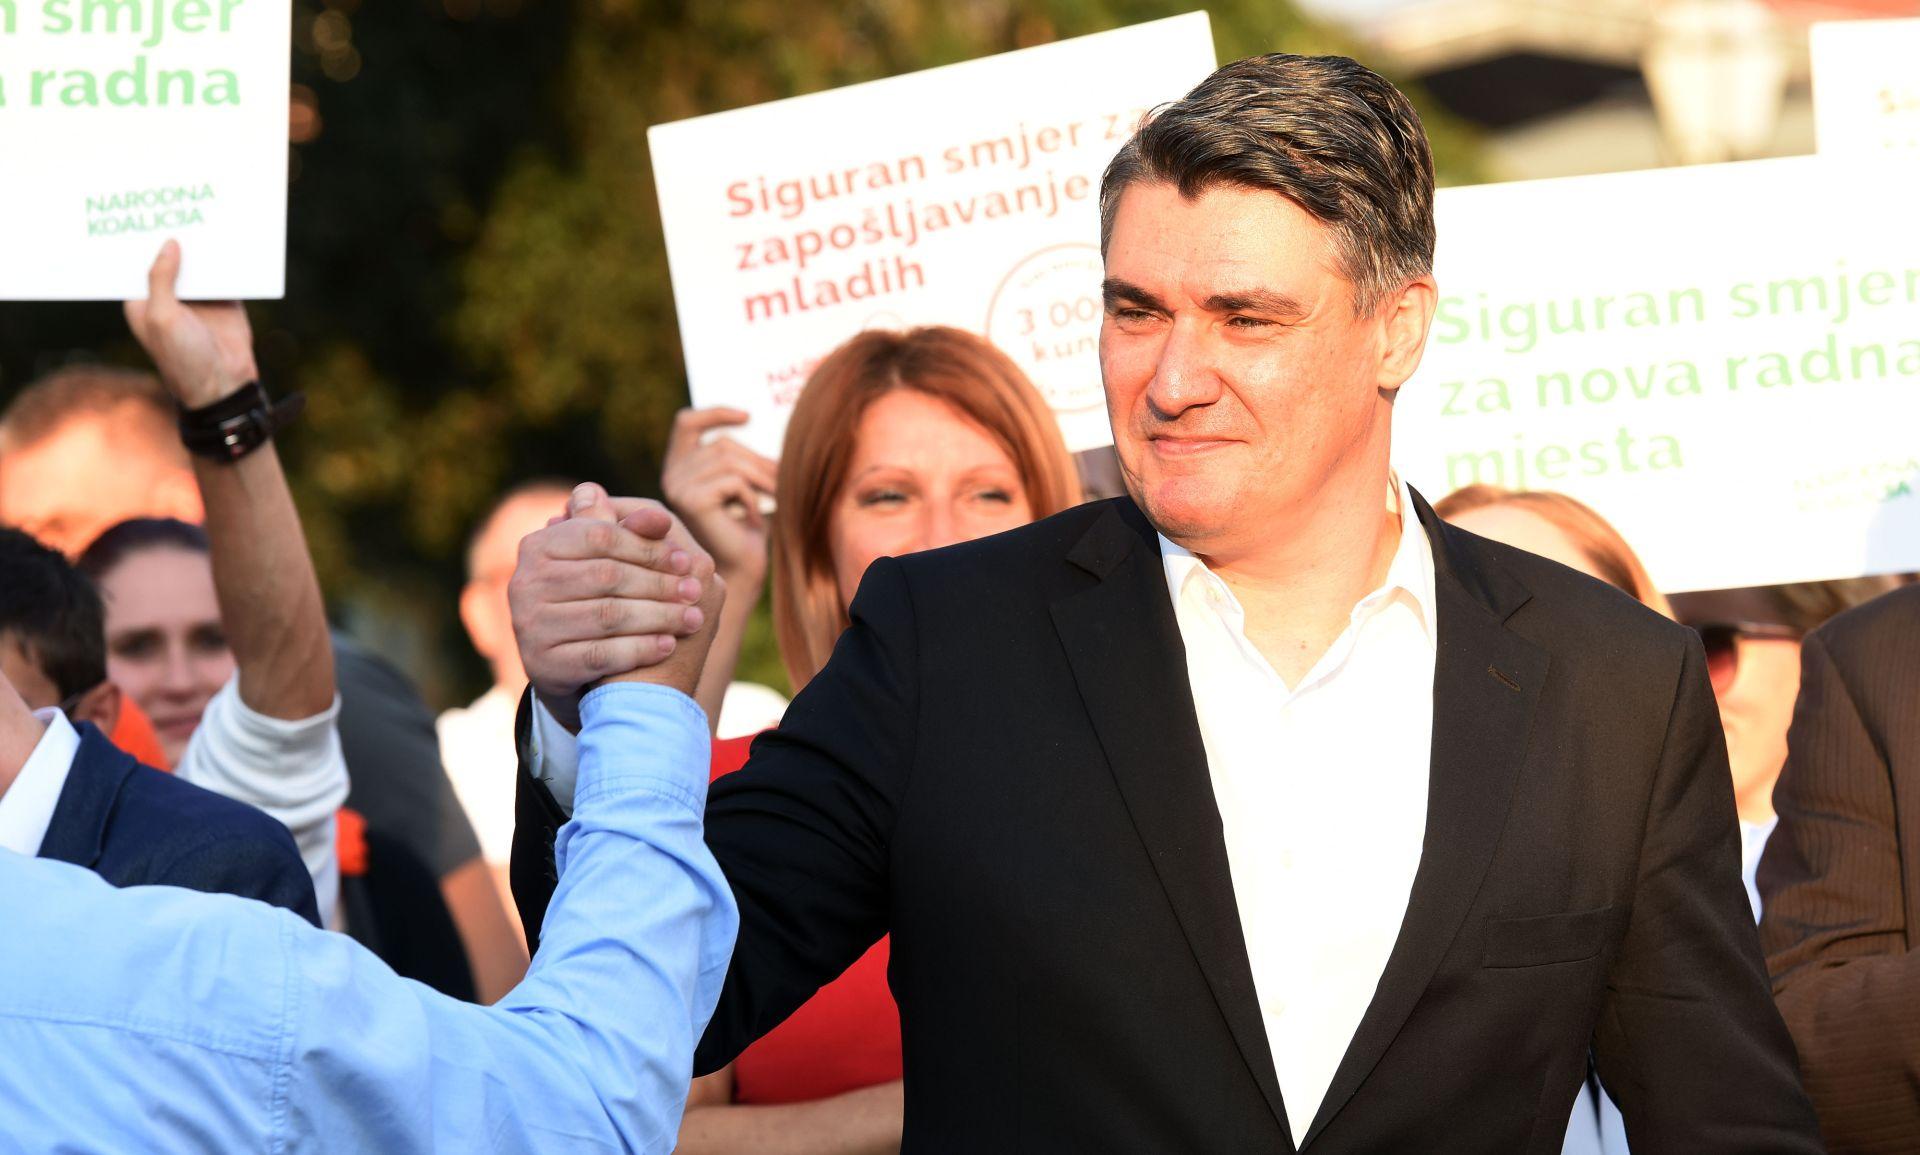 Milanović: Narodna koalicija ima ozbiljan program i ljude s iskustvom